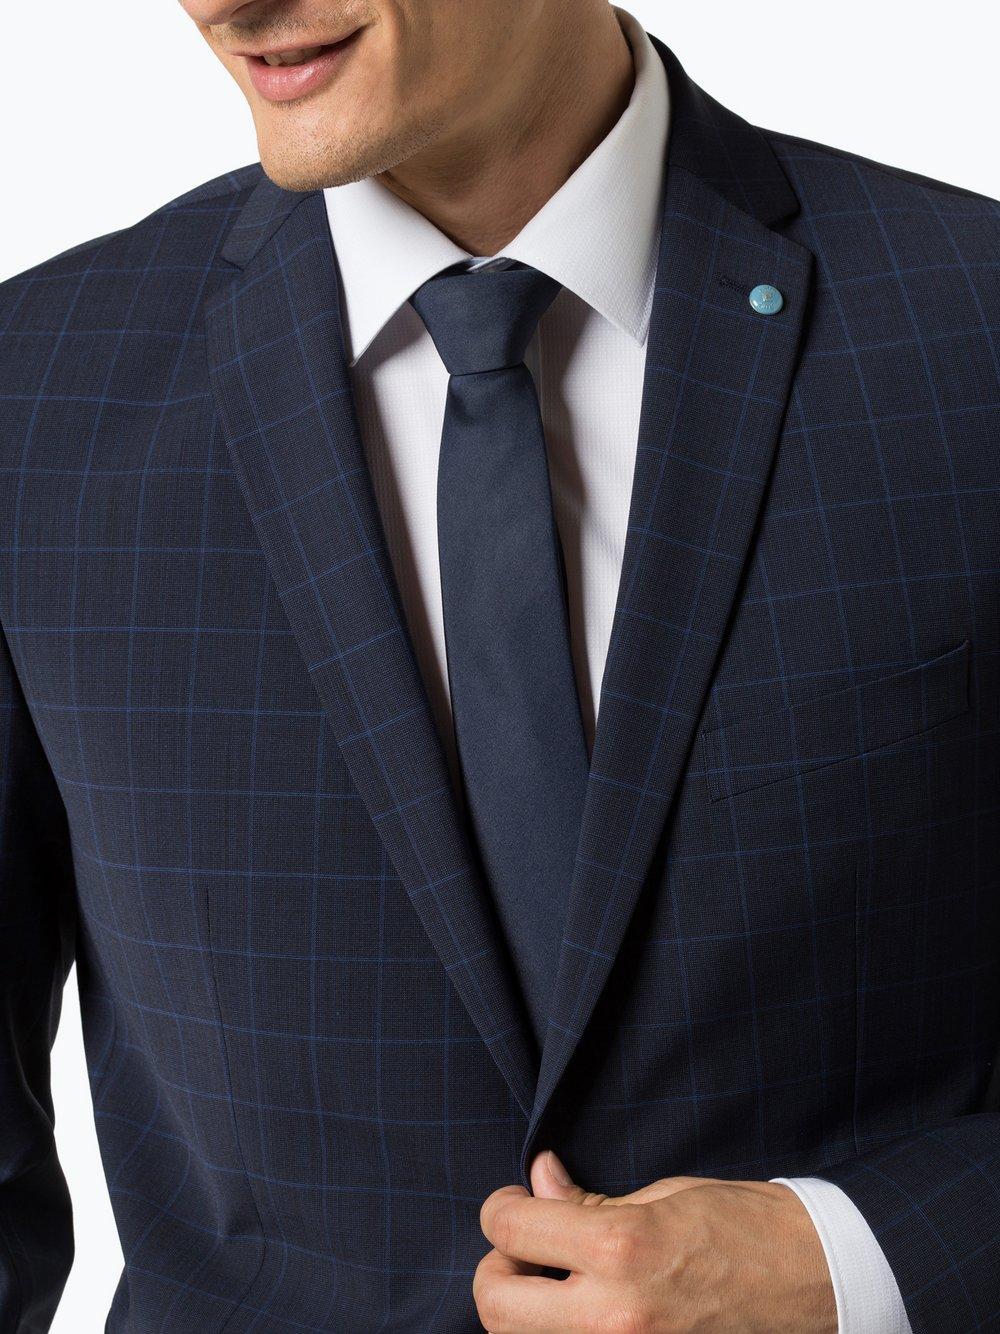 best website d9926 02dc8 Pierre Cardin Herren Baukasten-Anzug online kaufen ...